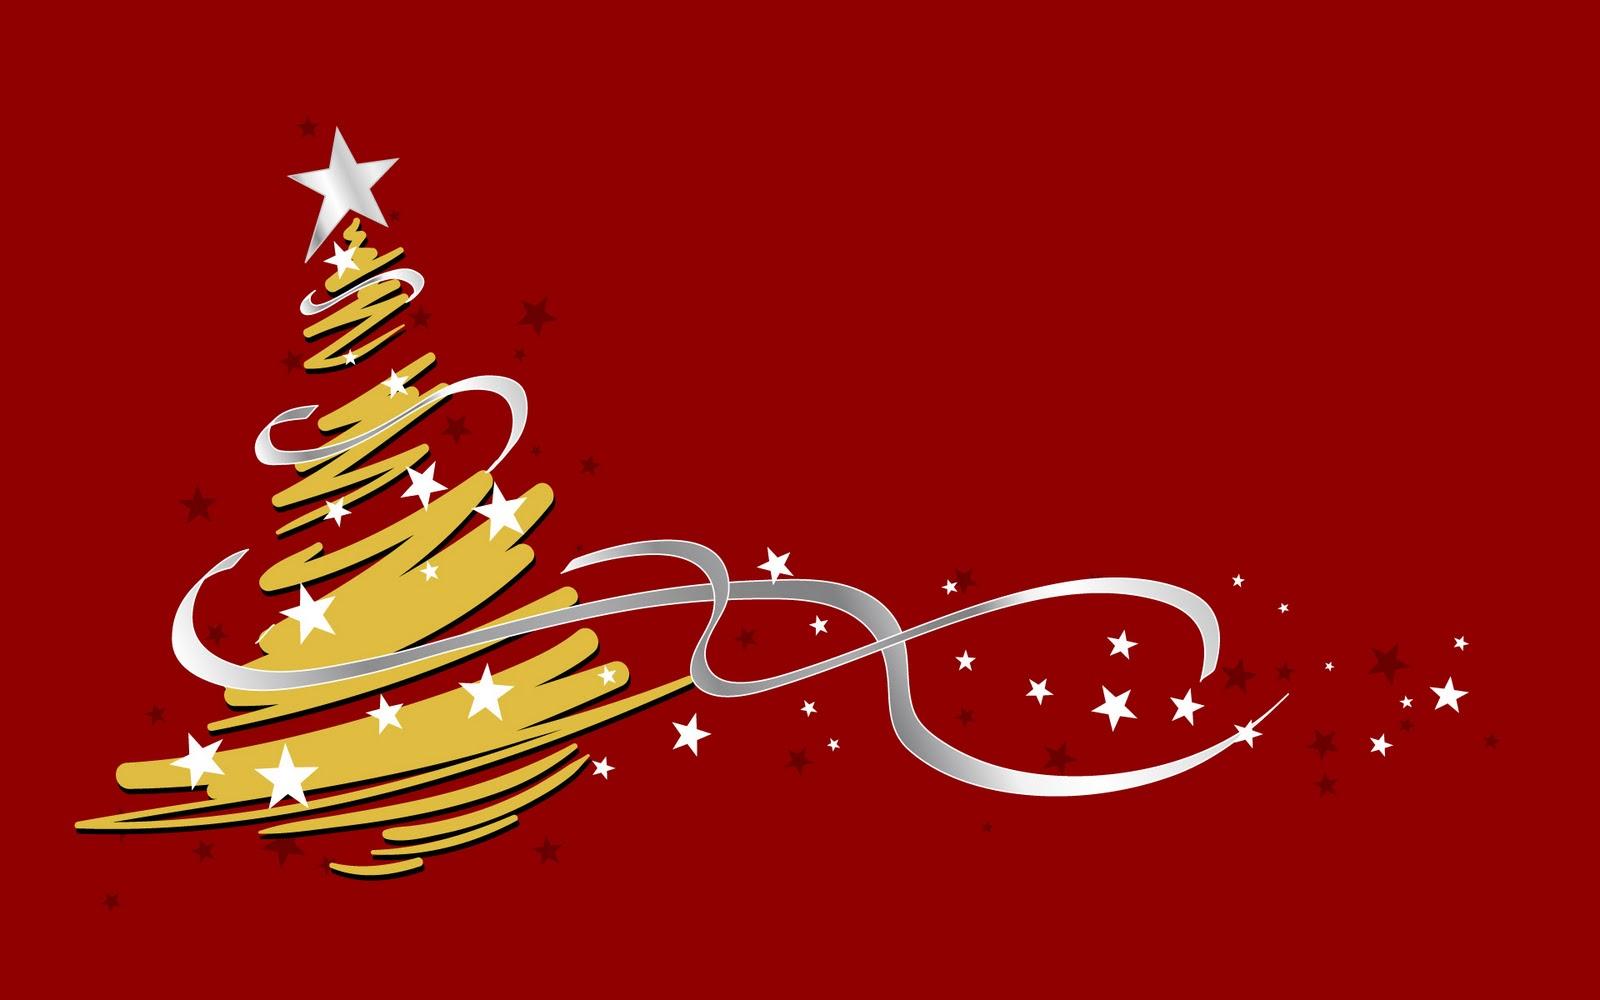 Fondo de pantalla rojo con arbol difuminado 1600x1000 - Imagenes arboles de navidad ...